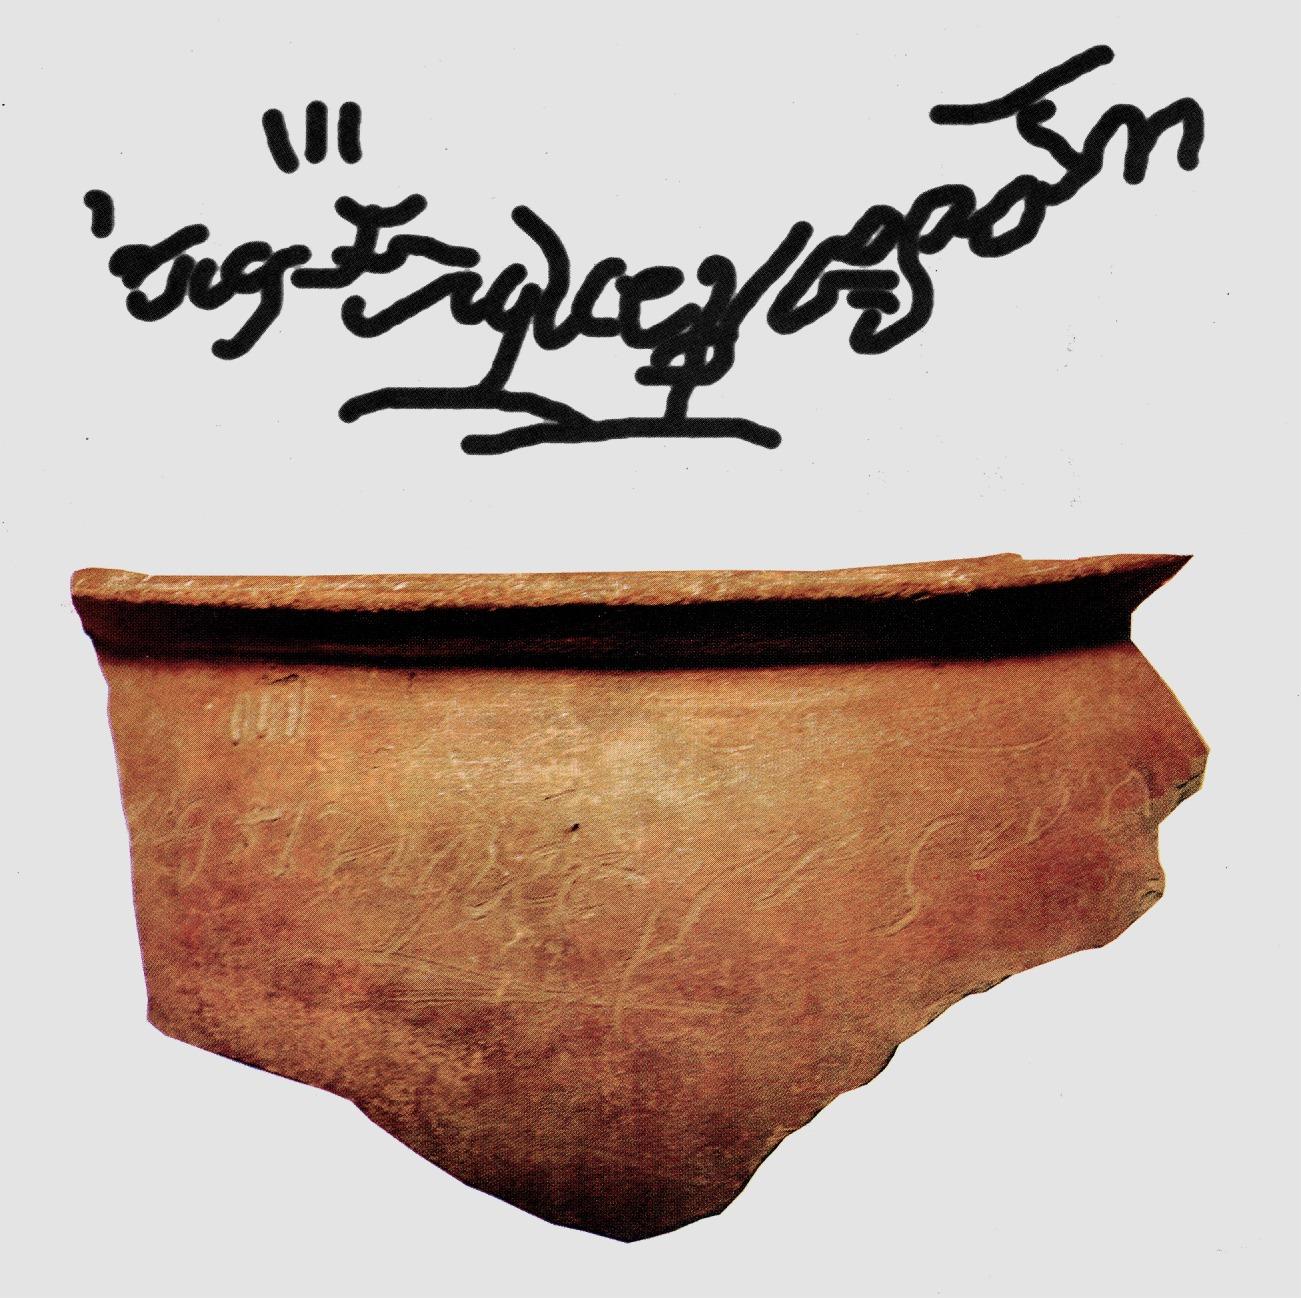 inscription on the Intramuros Pot Shard